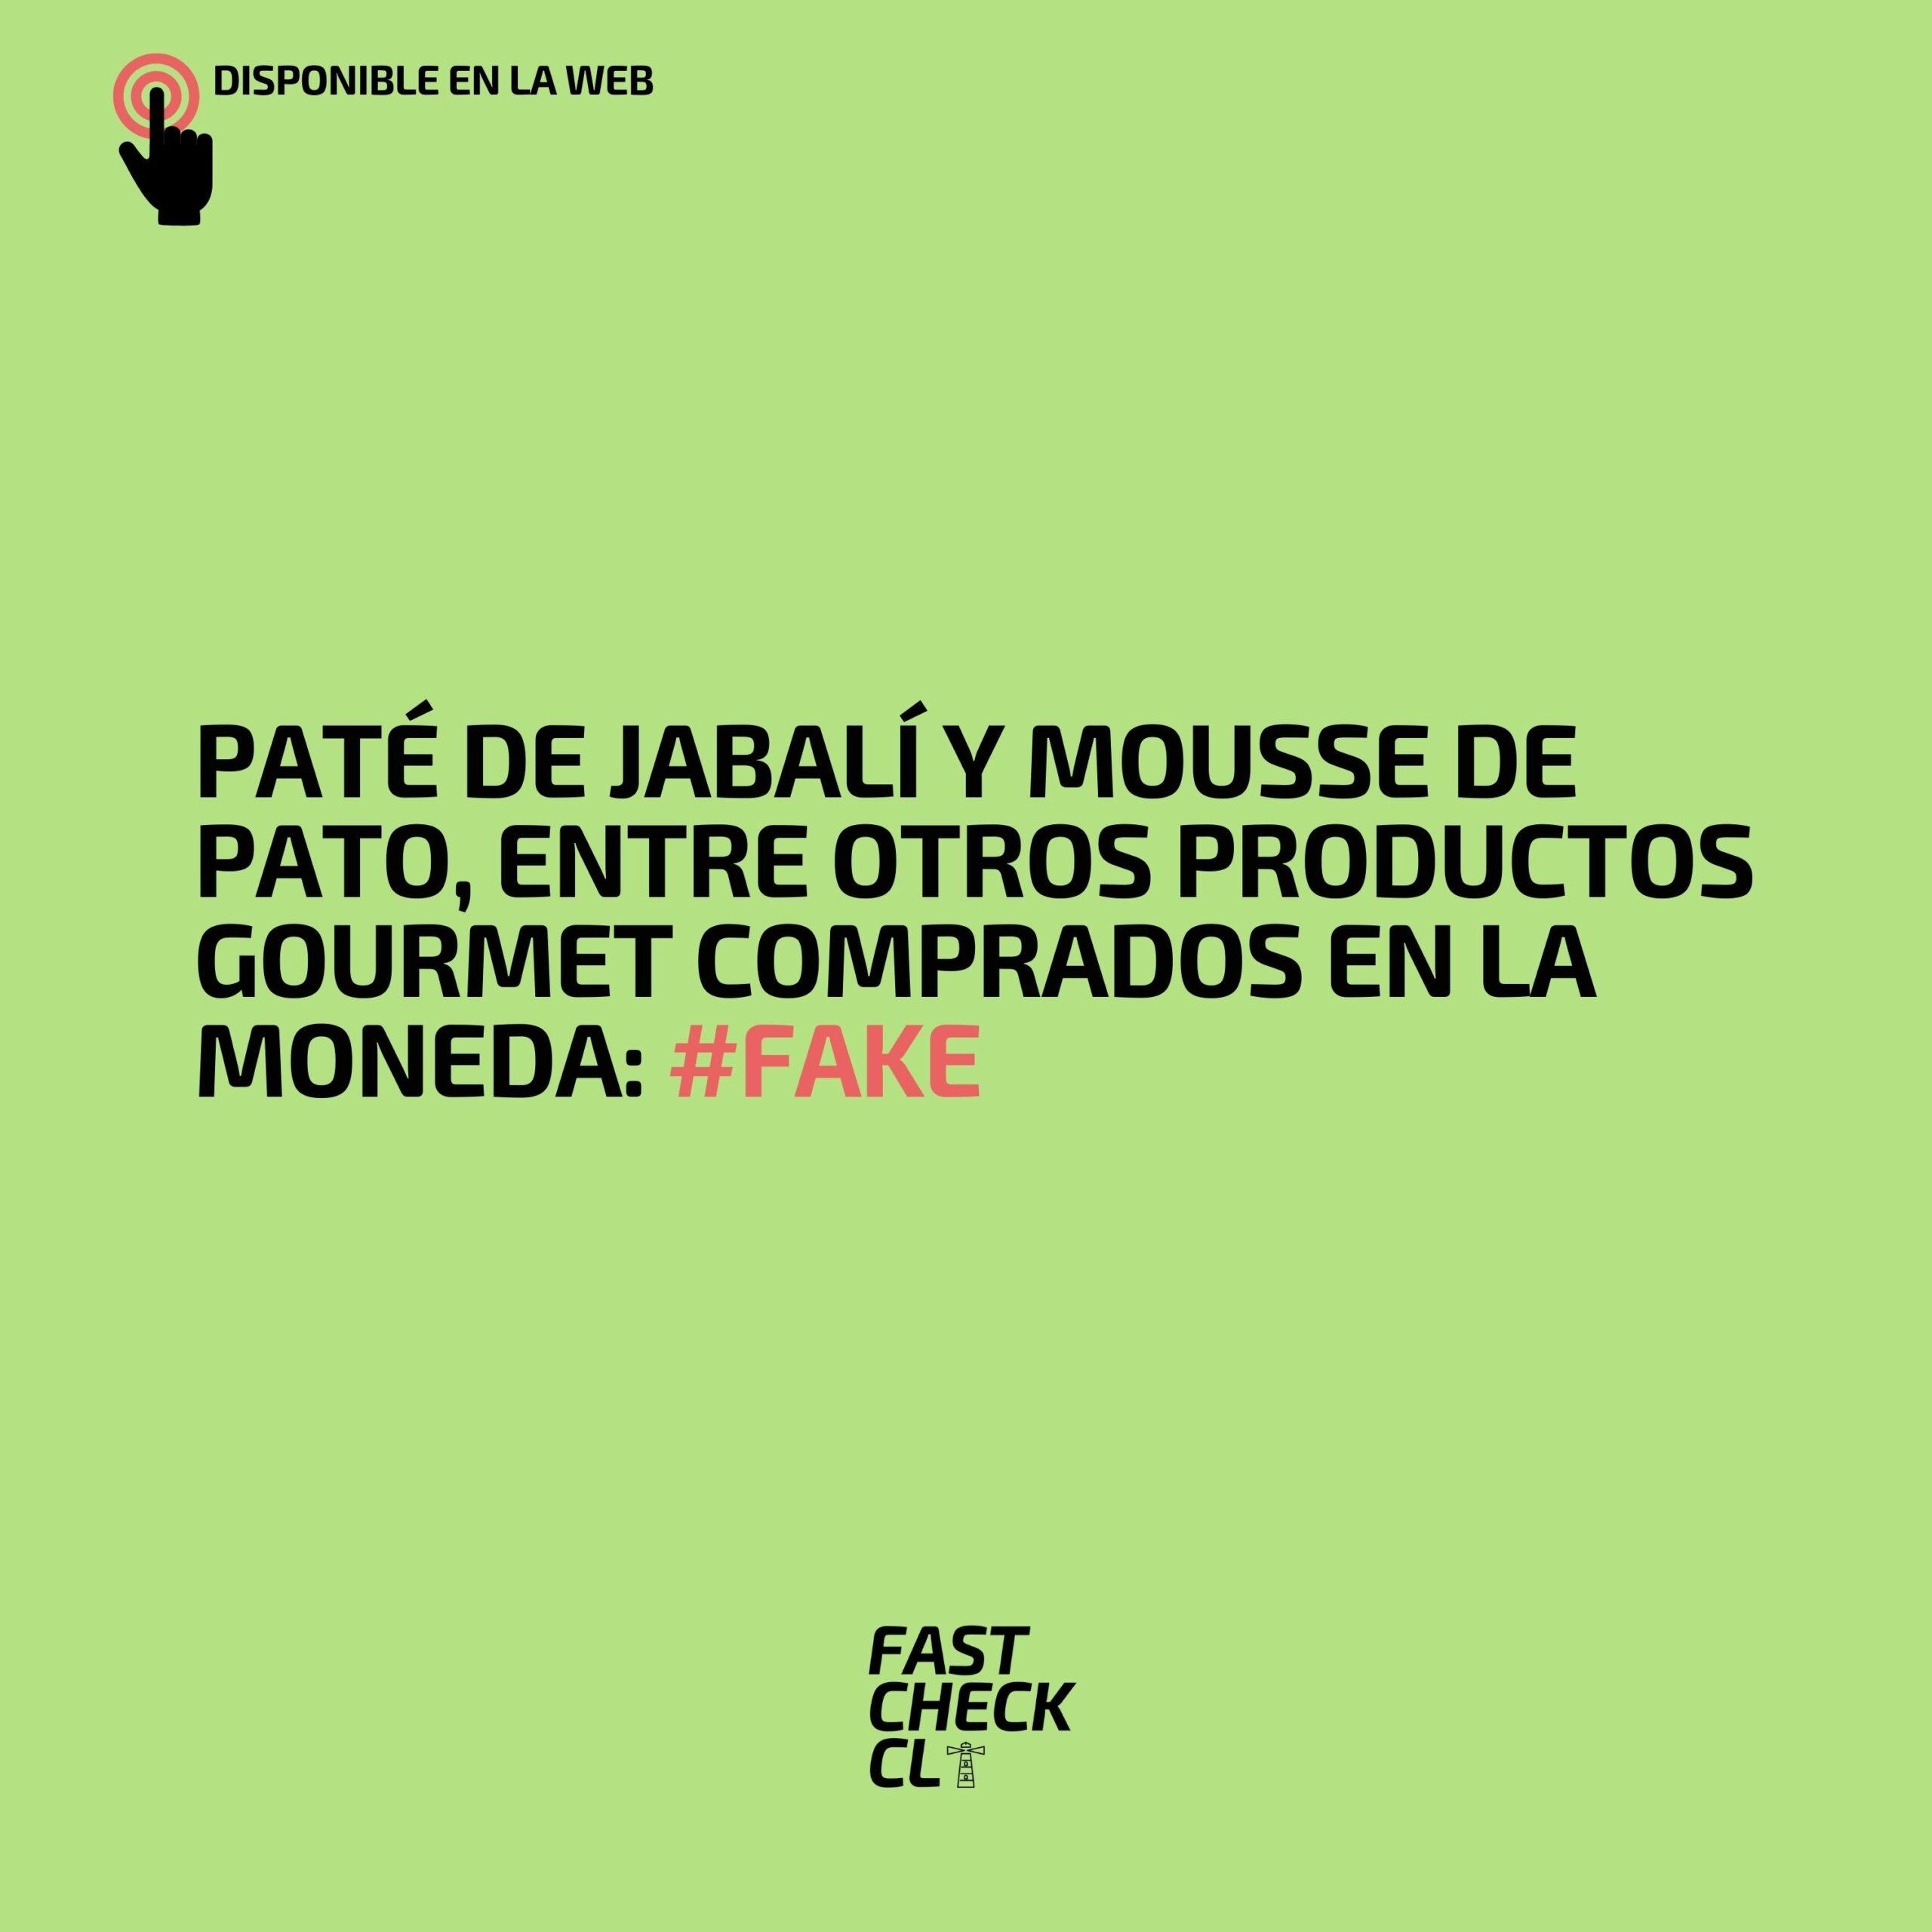 Paté de jabalí y mousse de pato, entre otros productos gourmet comprados en La Moneda: #Fake